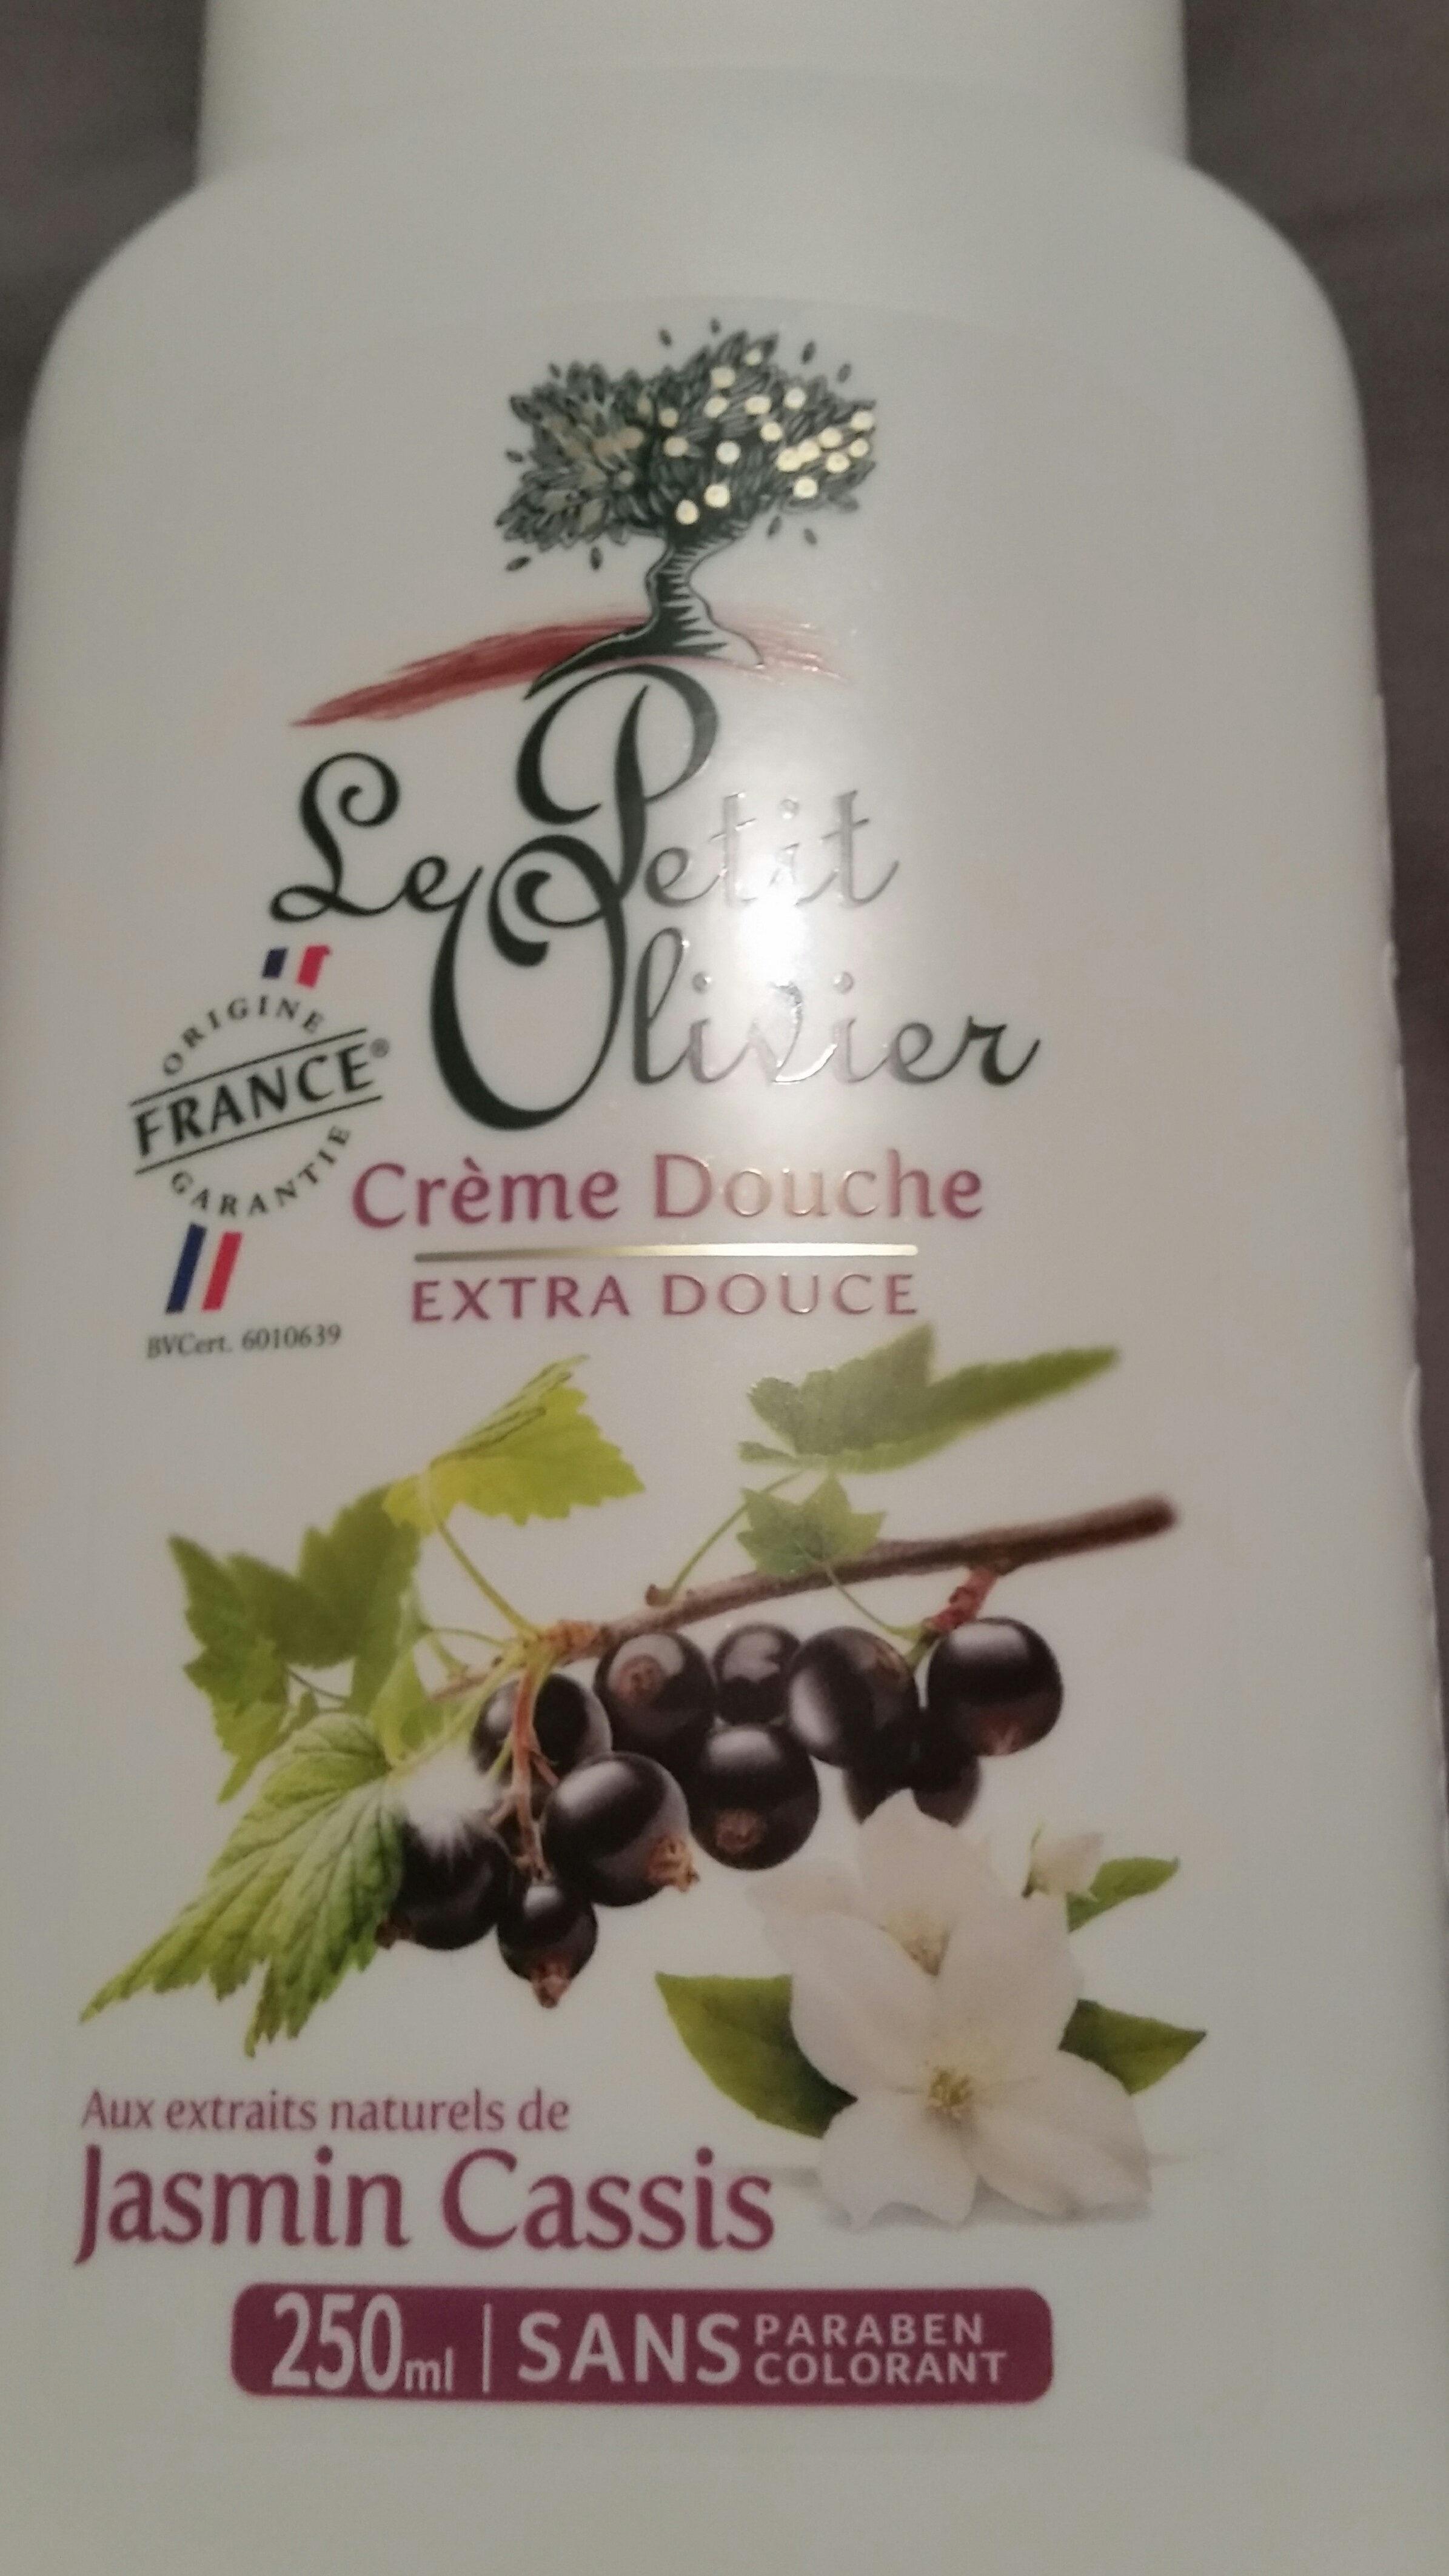 crème douche le petit olivier - Product - fr